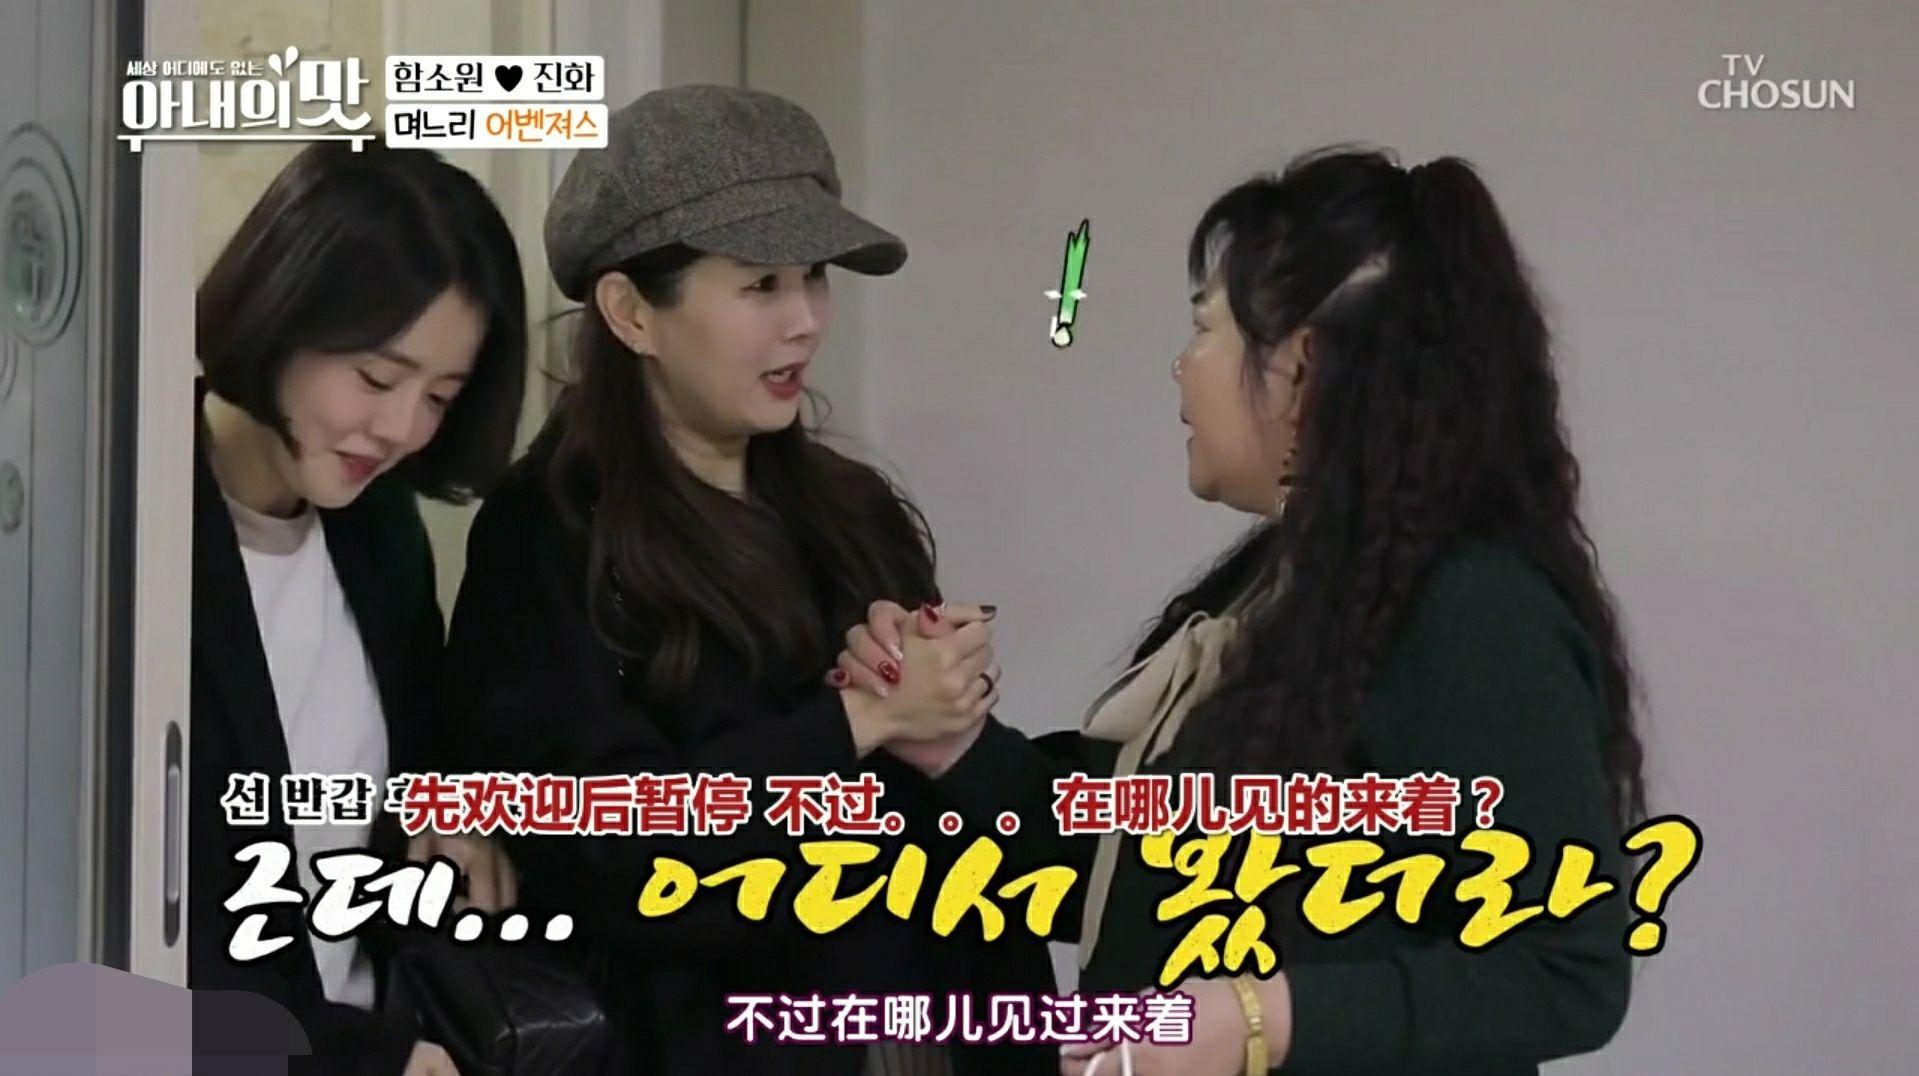 韩国明星看望咸素媛,带来尿不湿蛋糕作为礼物,中国婆婆很失望!